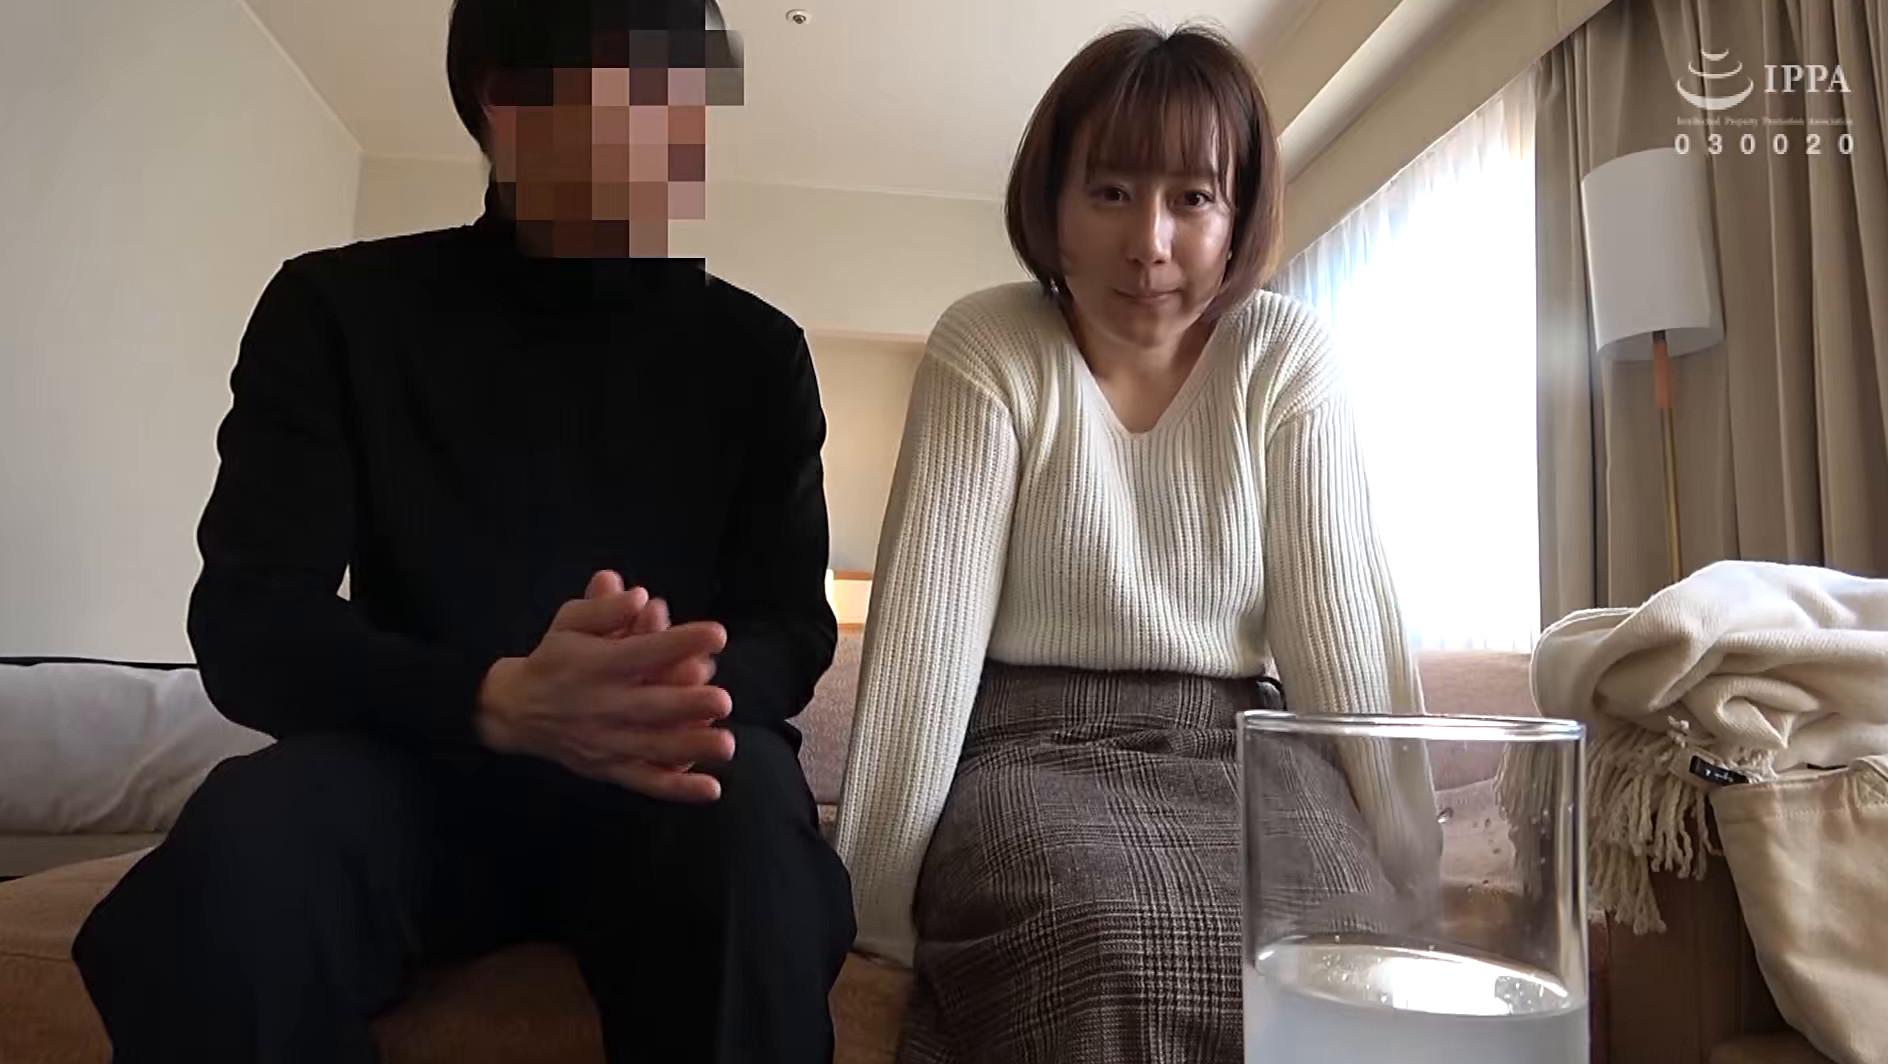 人妻自撮りNTR 寝取られ報告ビデオ 15 人妻・汐里(仮名) 二十七歳、結婚六年目 子供なし、介護士 画像2